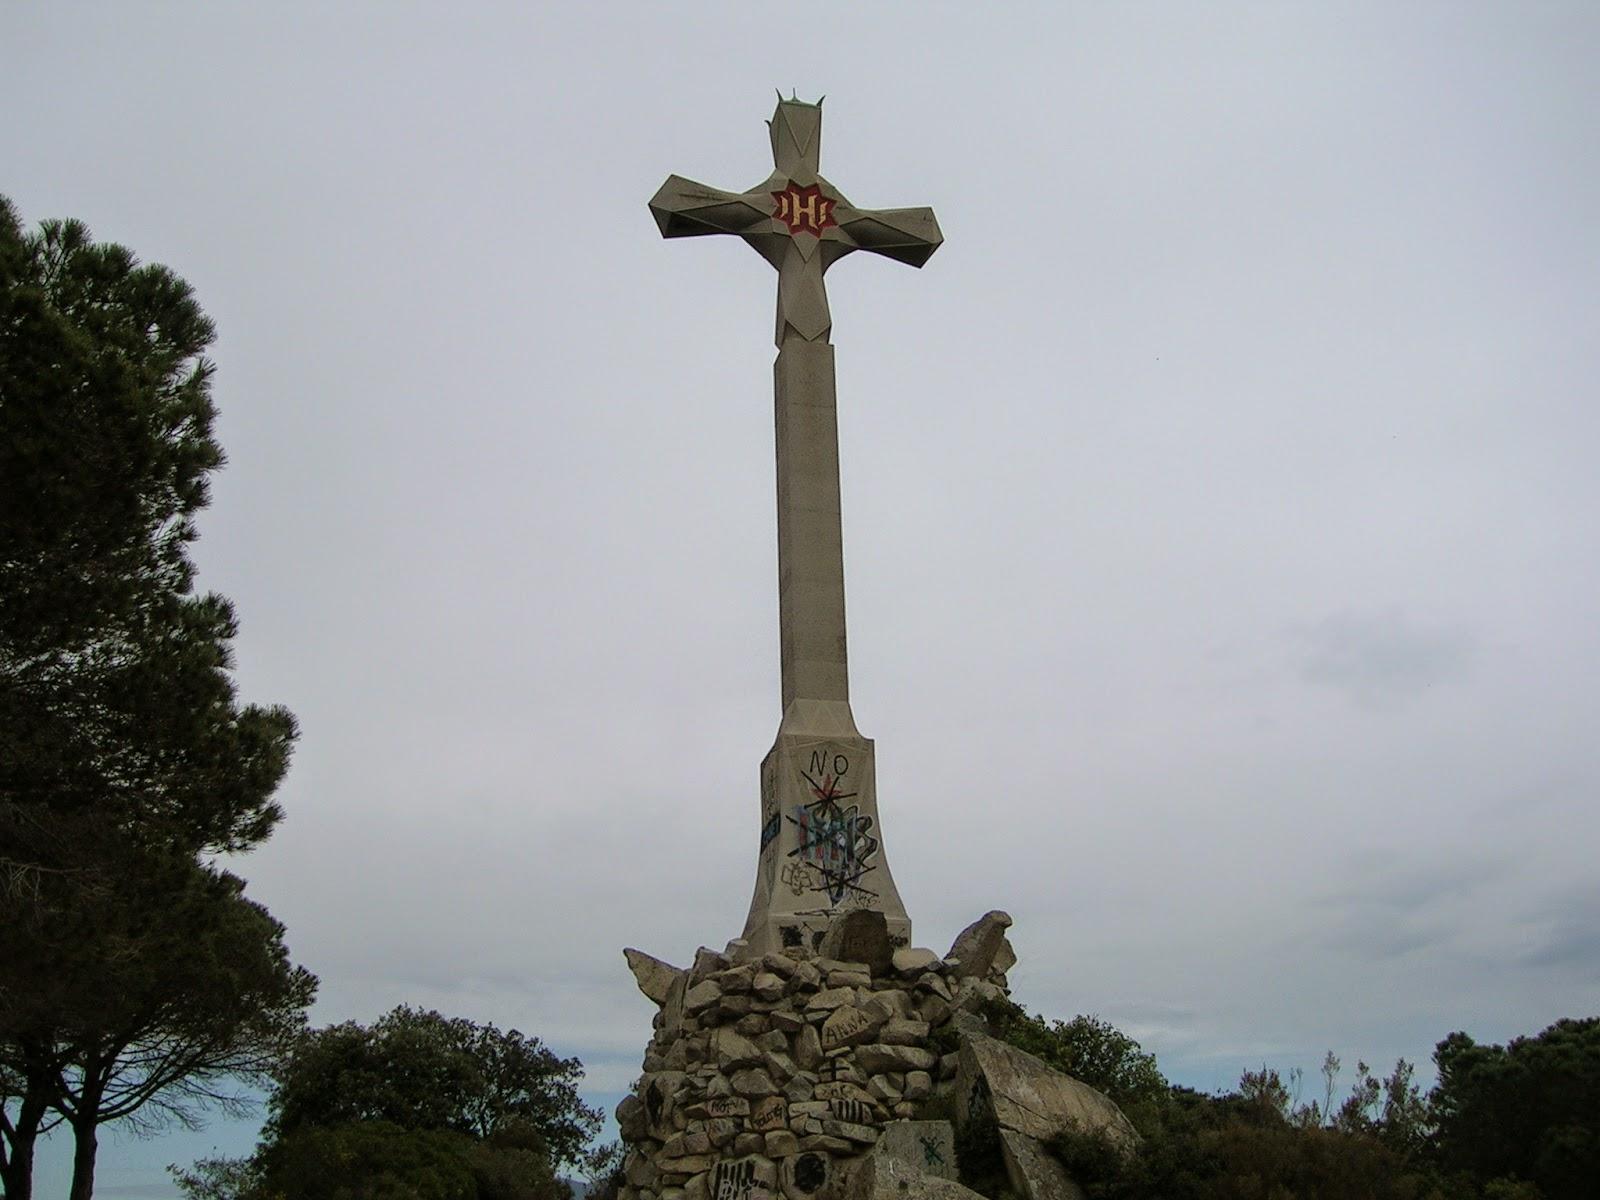 Pedracastell o Creu de Canet (El repte dels 100 cims)